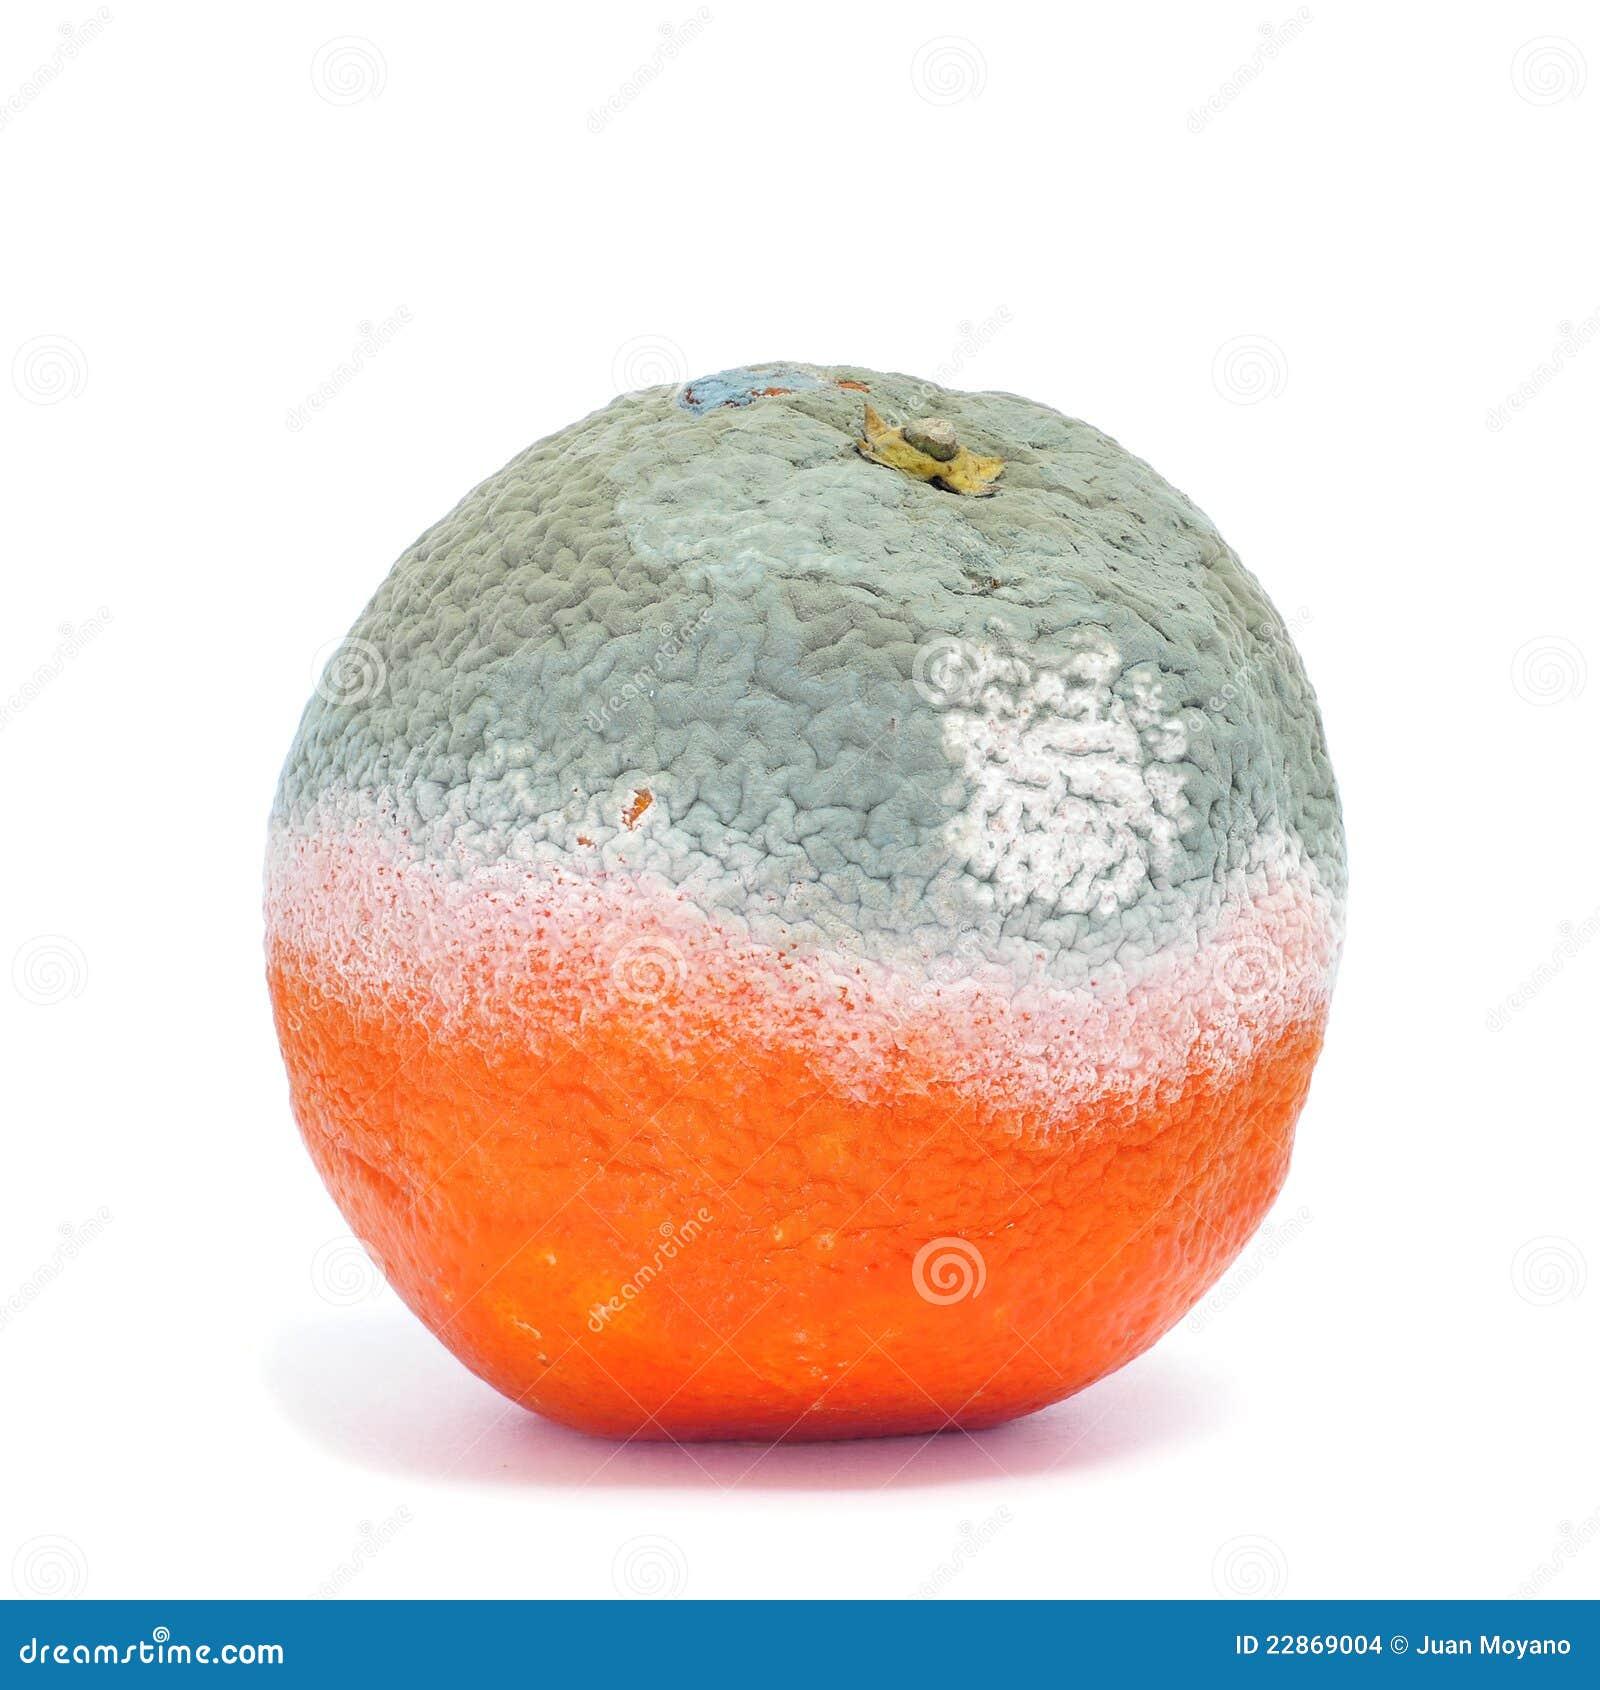 orange-moisie-22869004.jpg